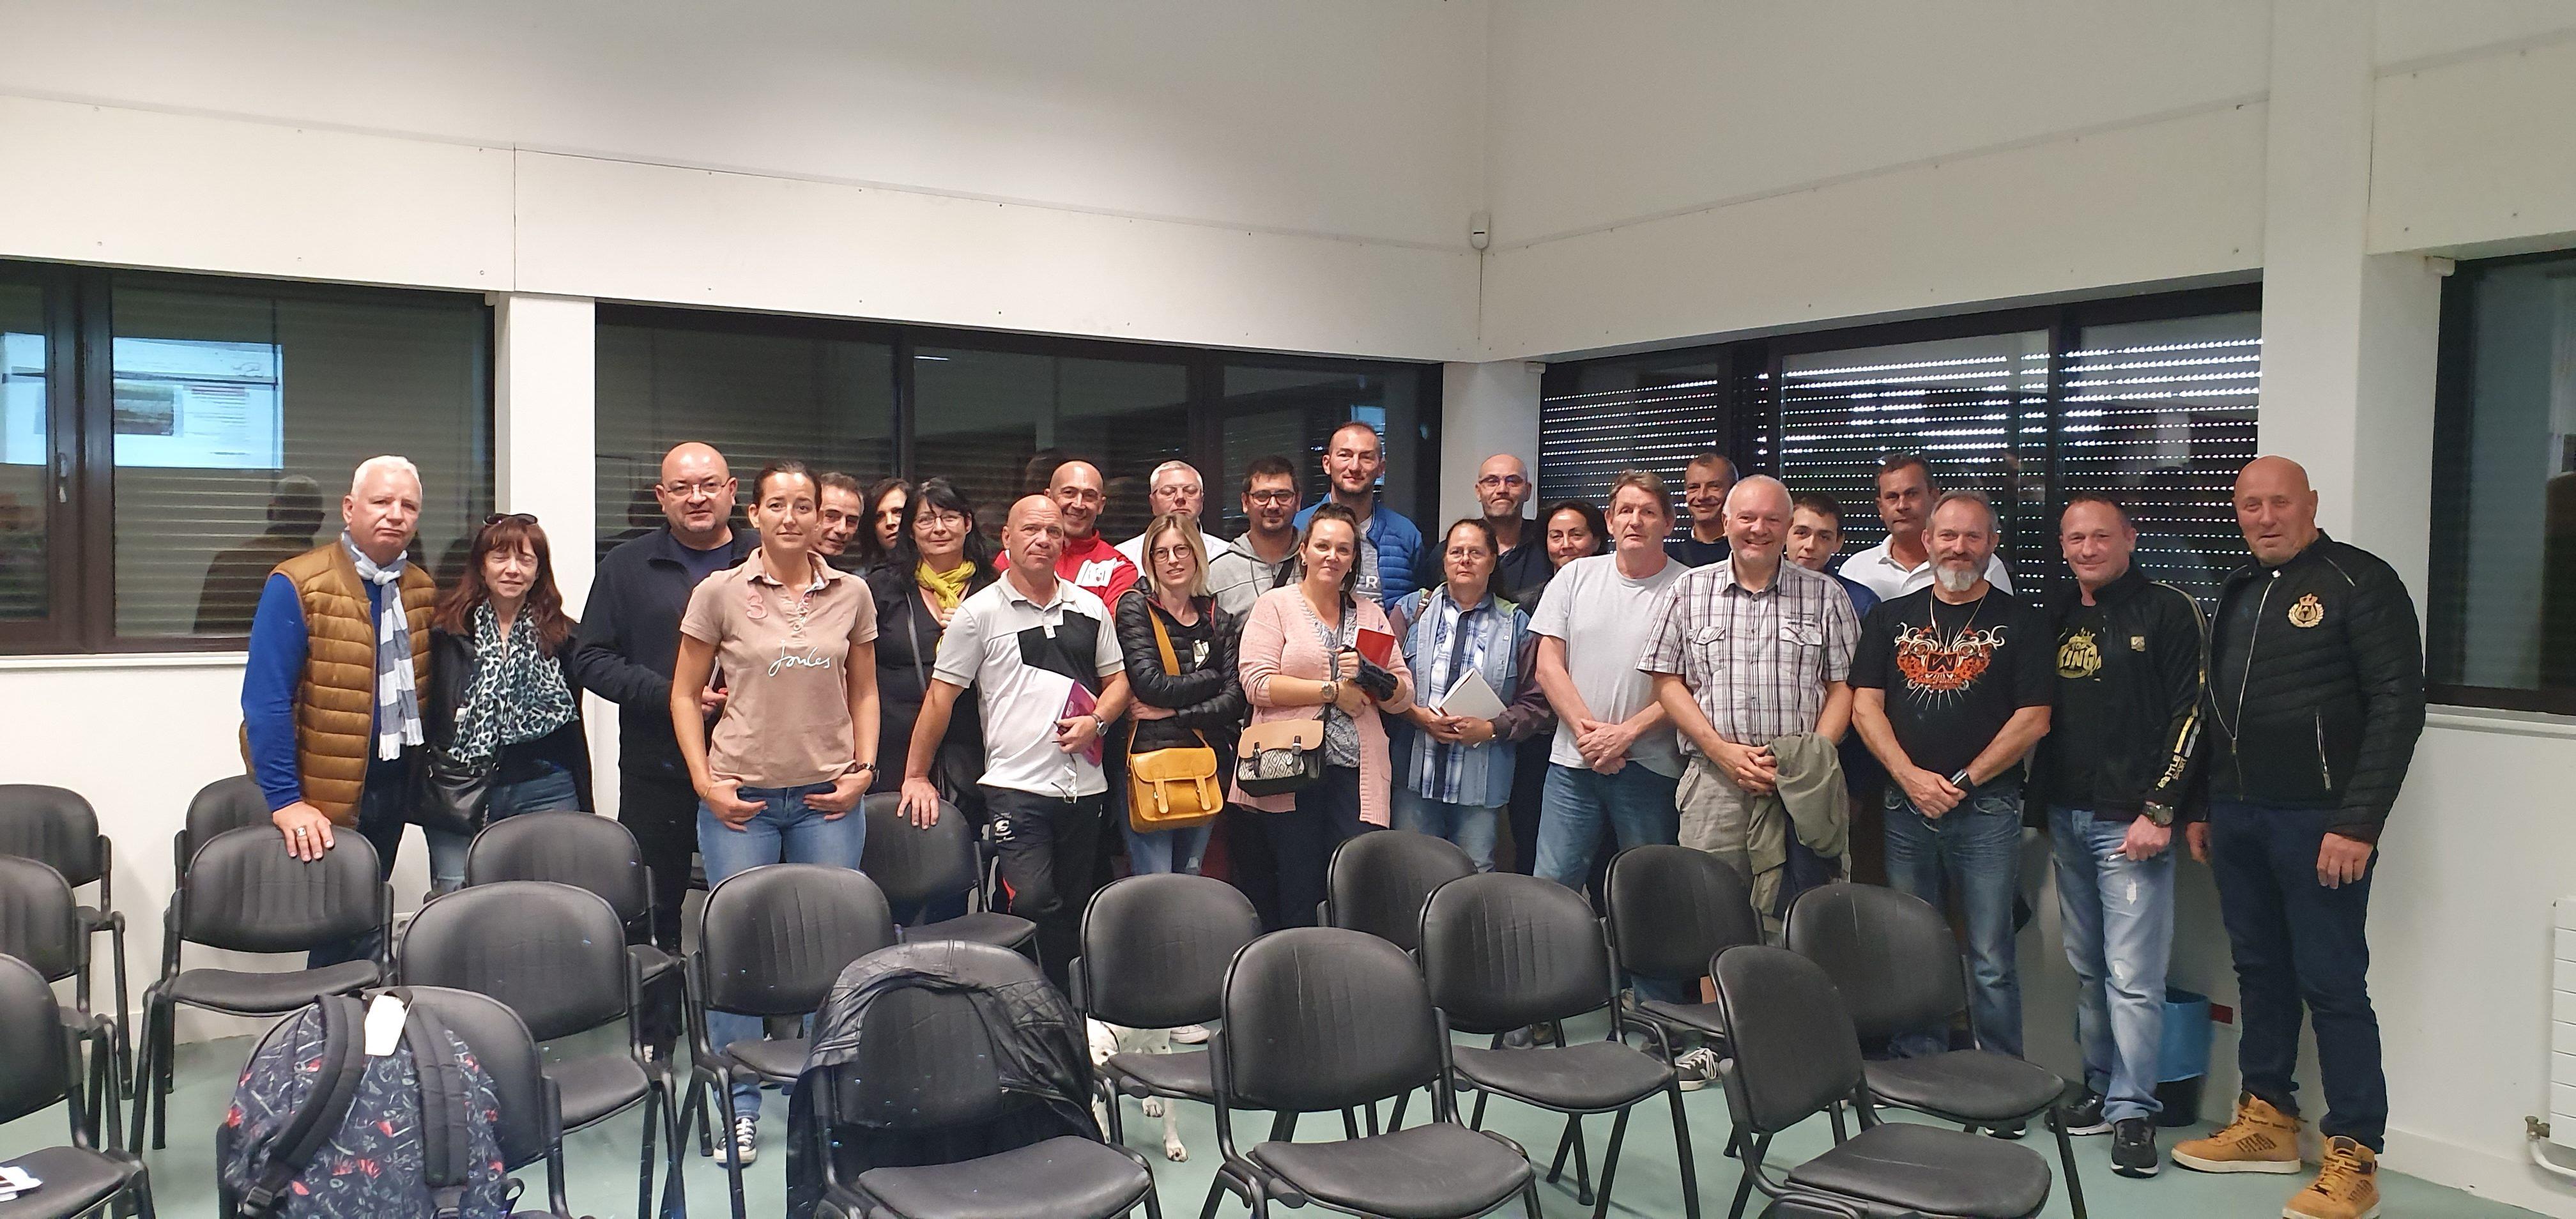 Convivialité et bonne humeur lors de la réunion de rentrée de Ligue du 22 septembre – un grand Merci aux participants